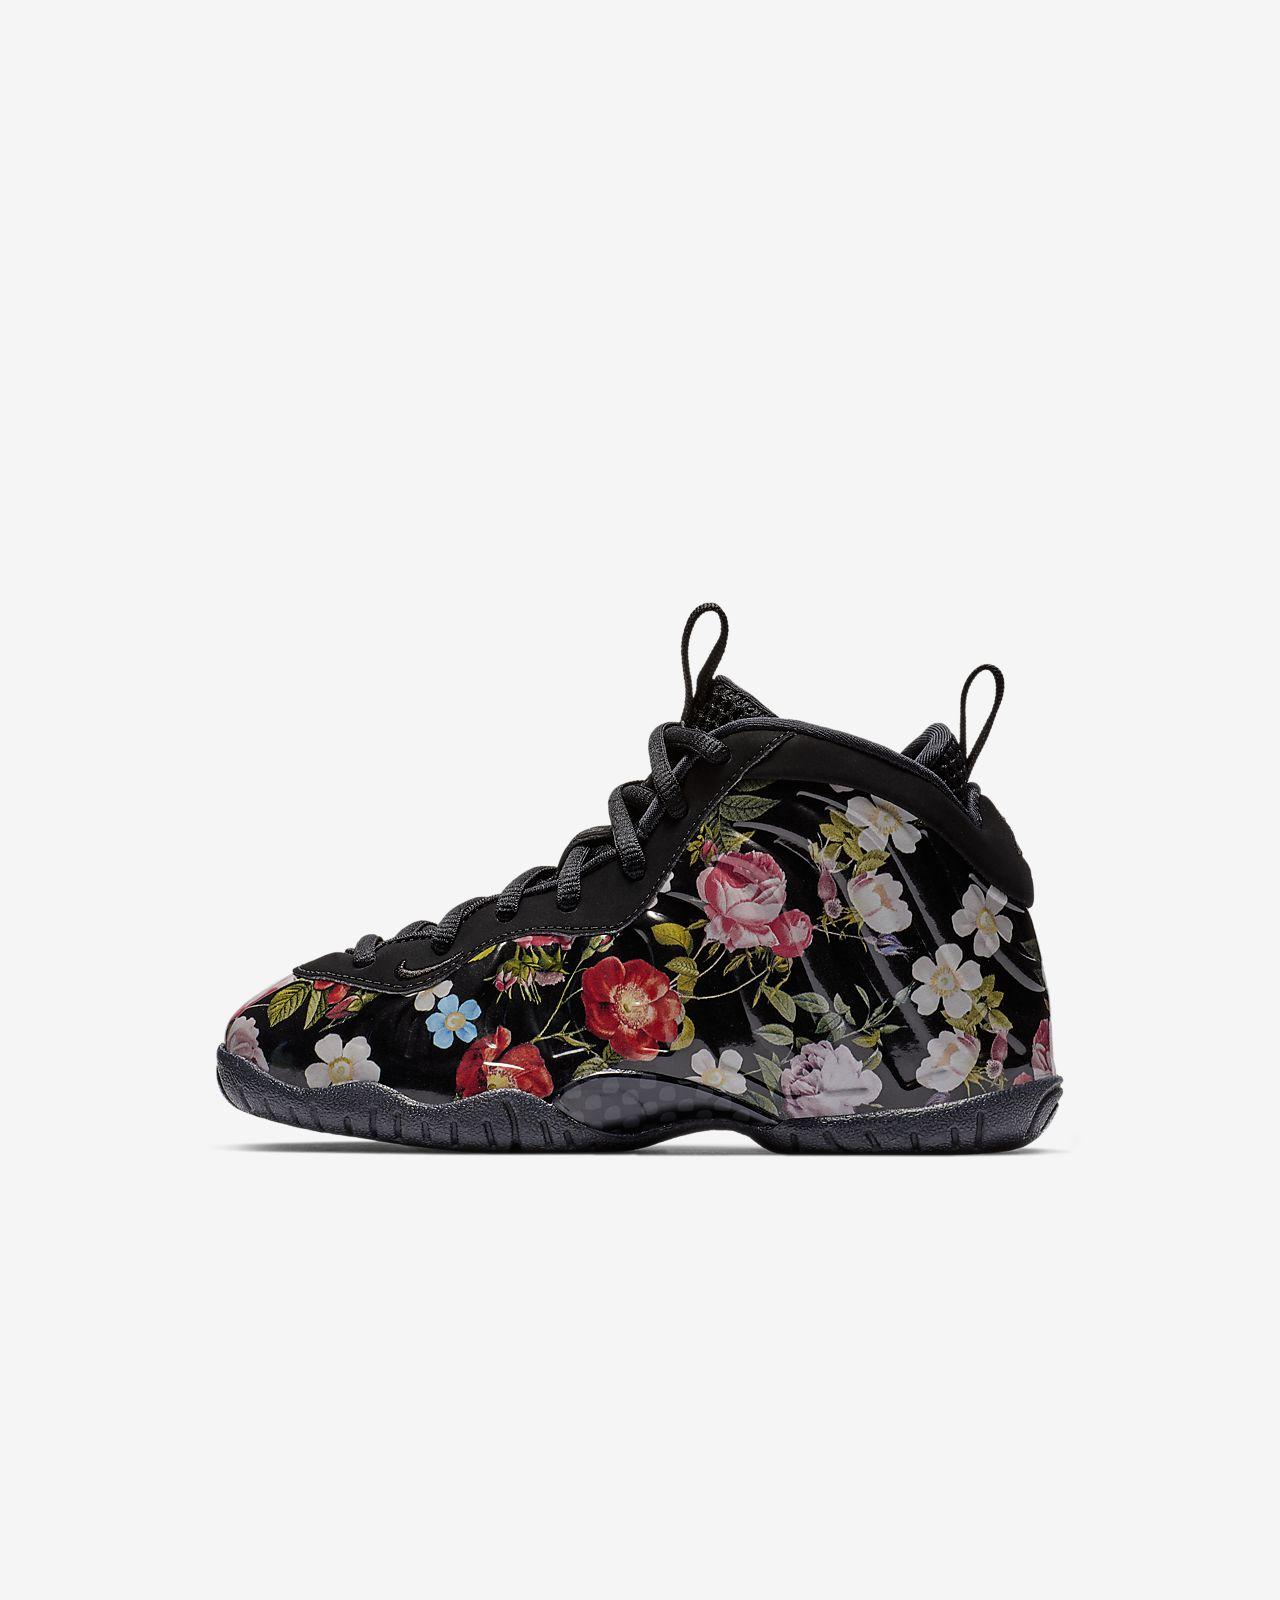 newest 205df 3ce40 ... Nike Little Posite One PRM PS Floral 幼童运动童鞋